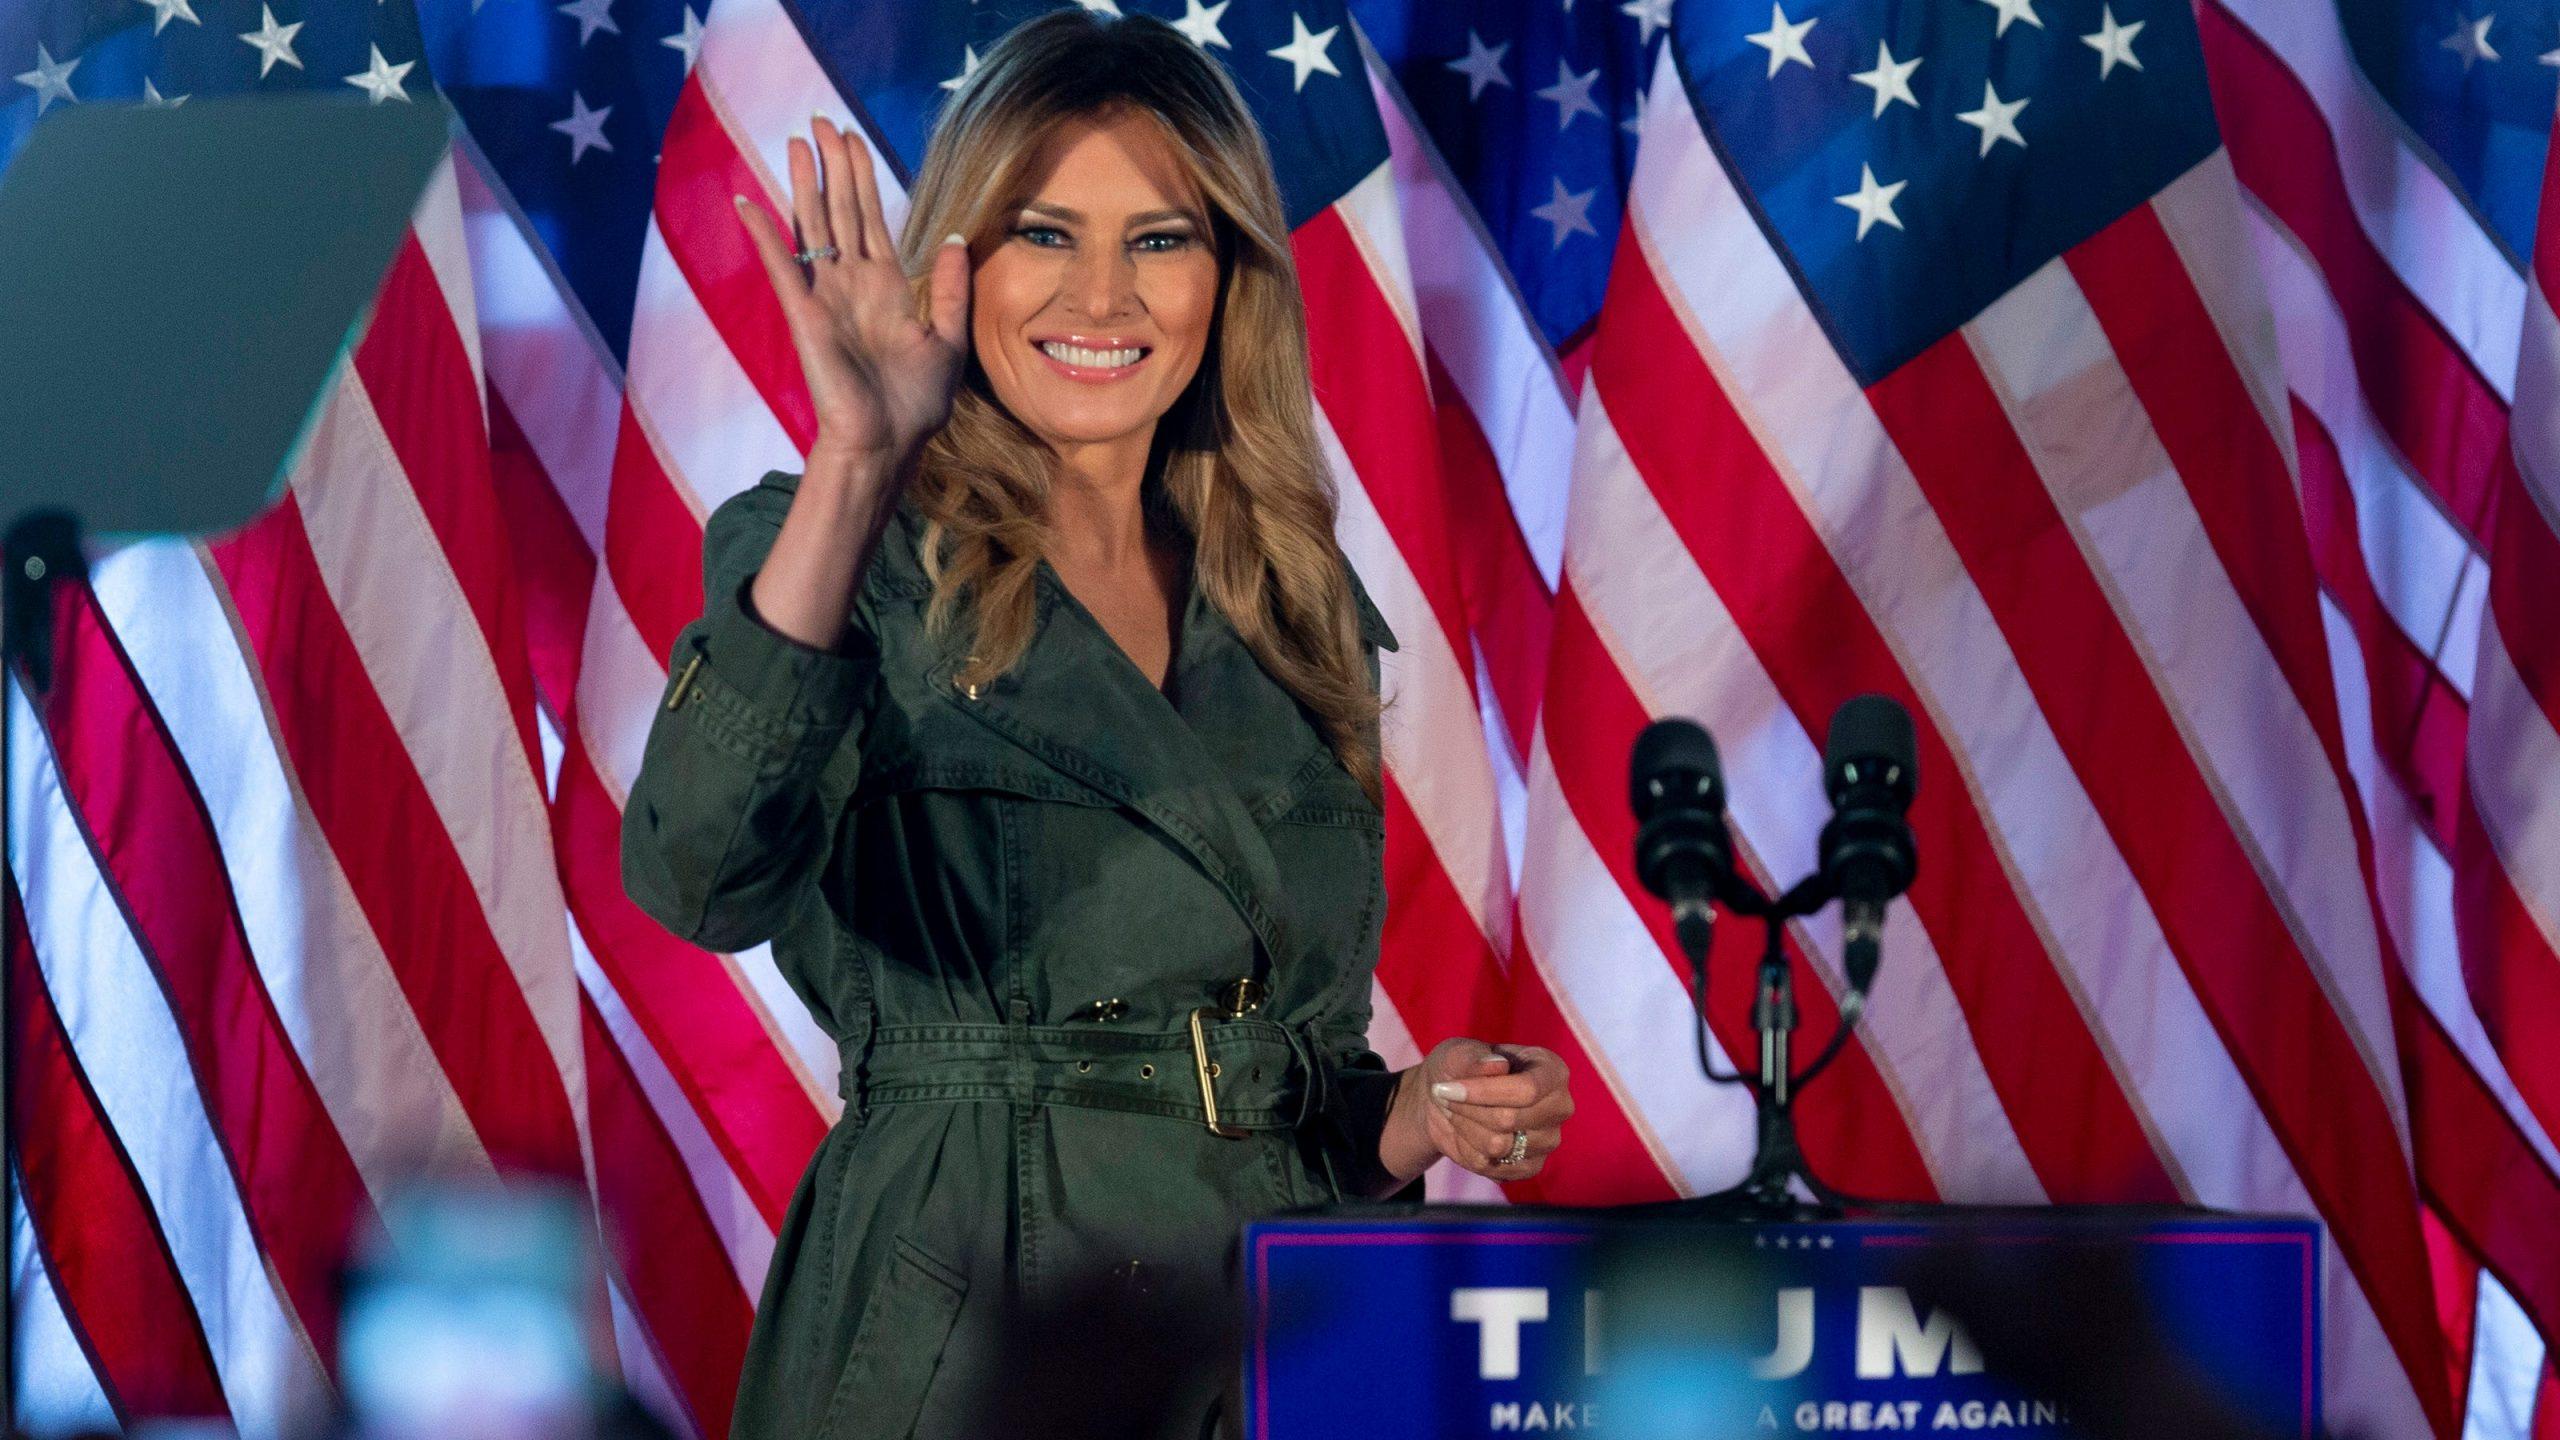 US election 2020: Melania Trump attacks Joe Biden, media in latest speech